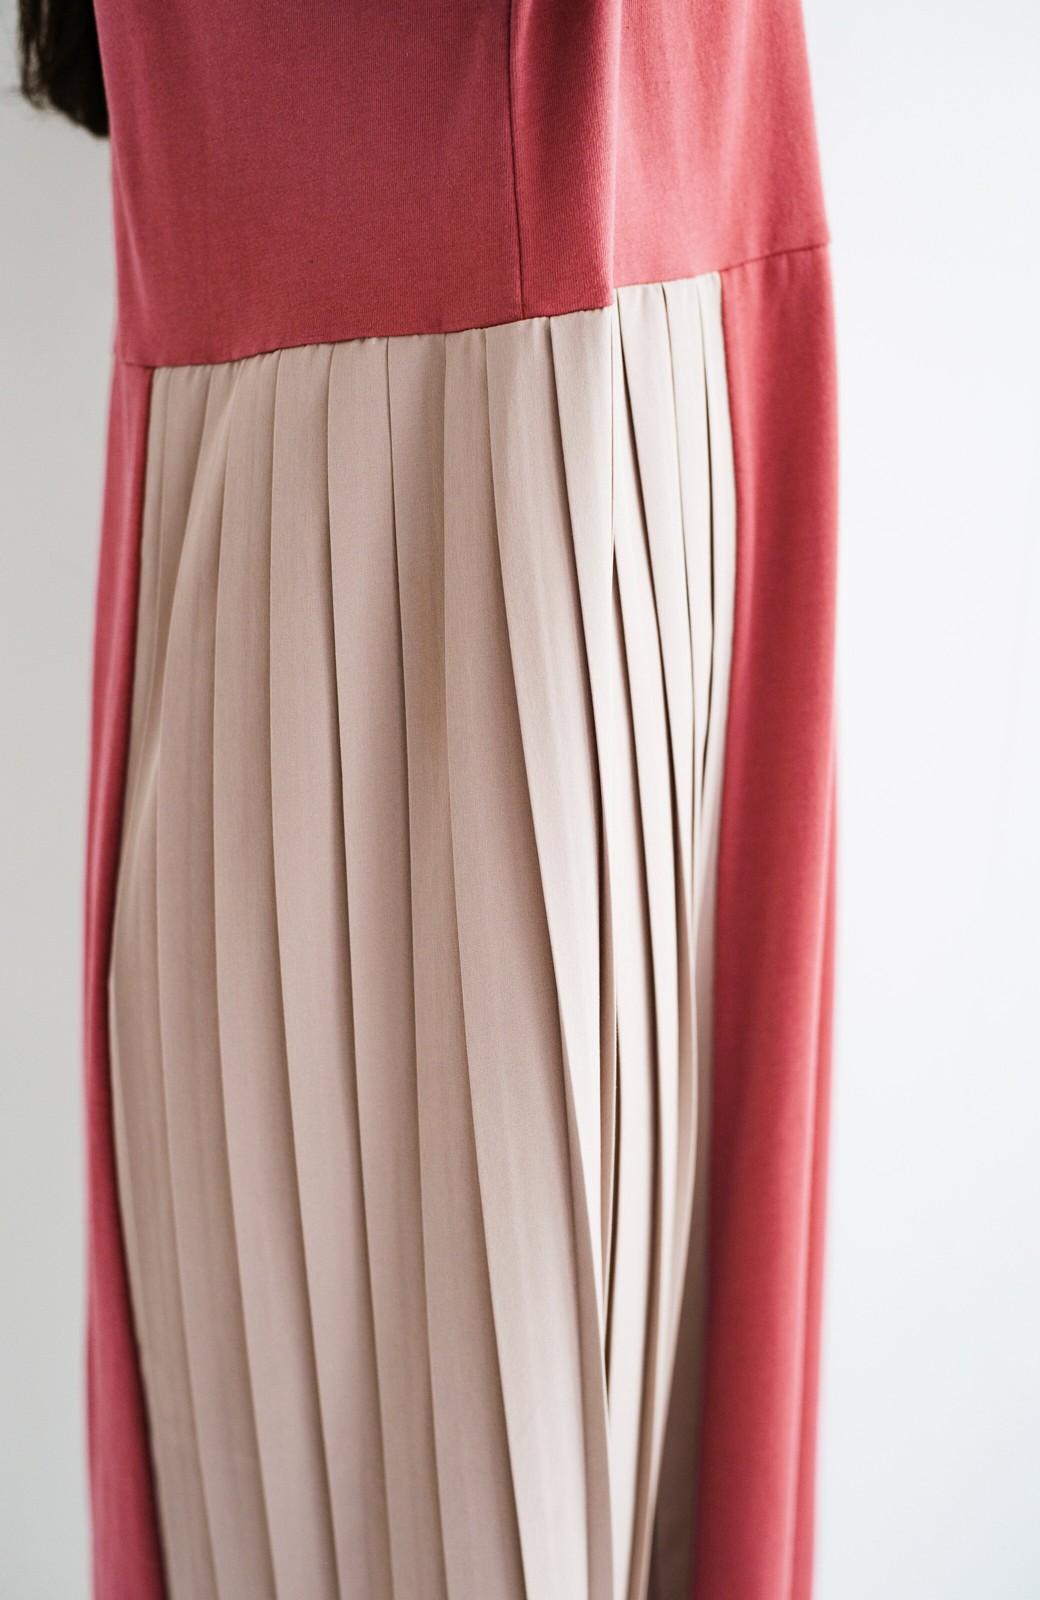 haco! ぱっと着るだけでこなれたレイヤード風コーデが完成する サイドプリーツワンピース <テラコッタ>の商品写真6